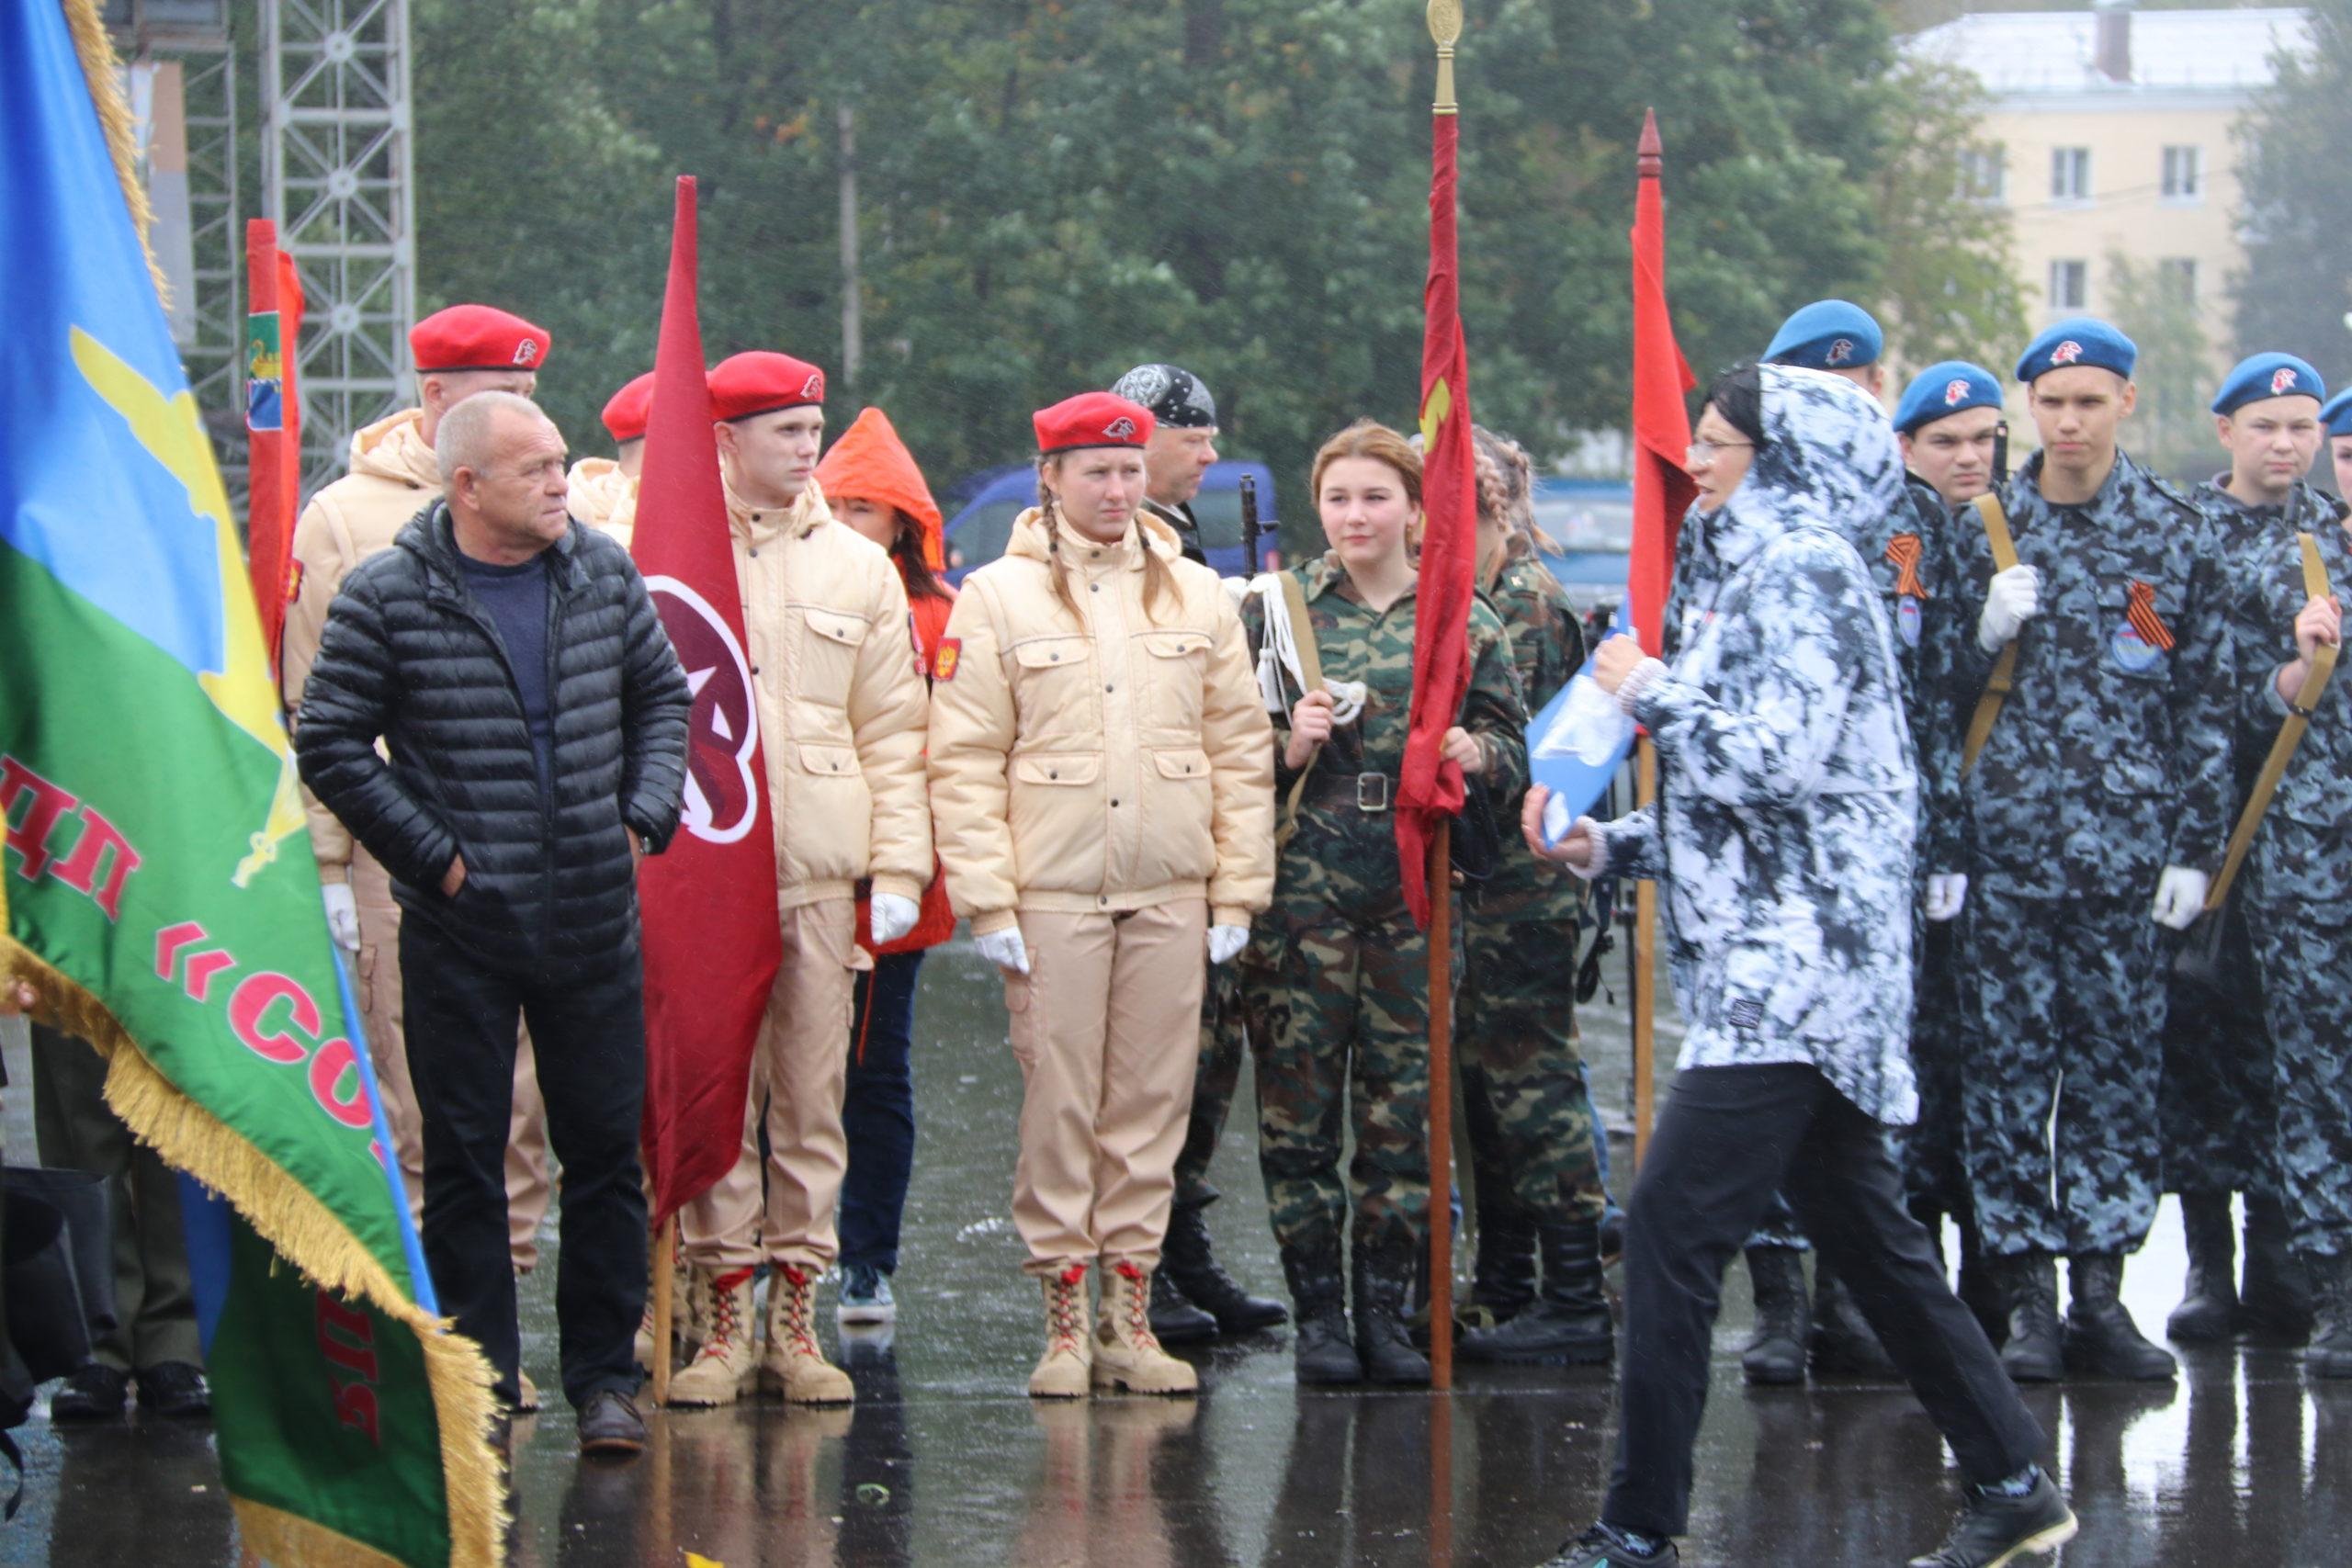 Андрей Белоцерковский на слёте часовых Постов Памяти: в глазах молодёжи мы видим будущее